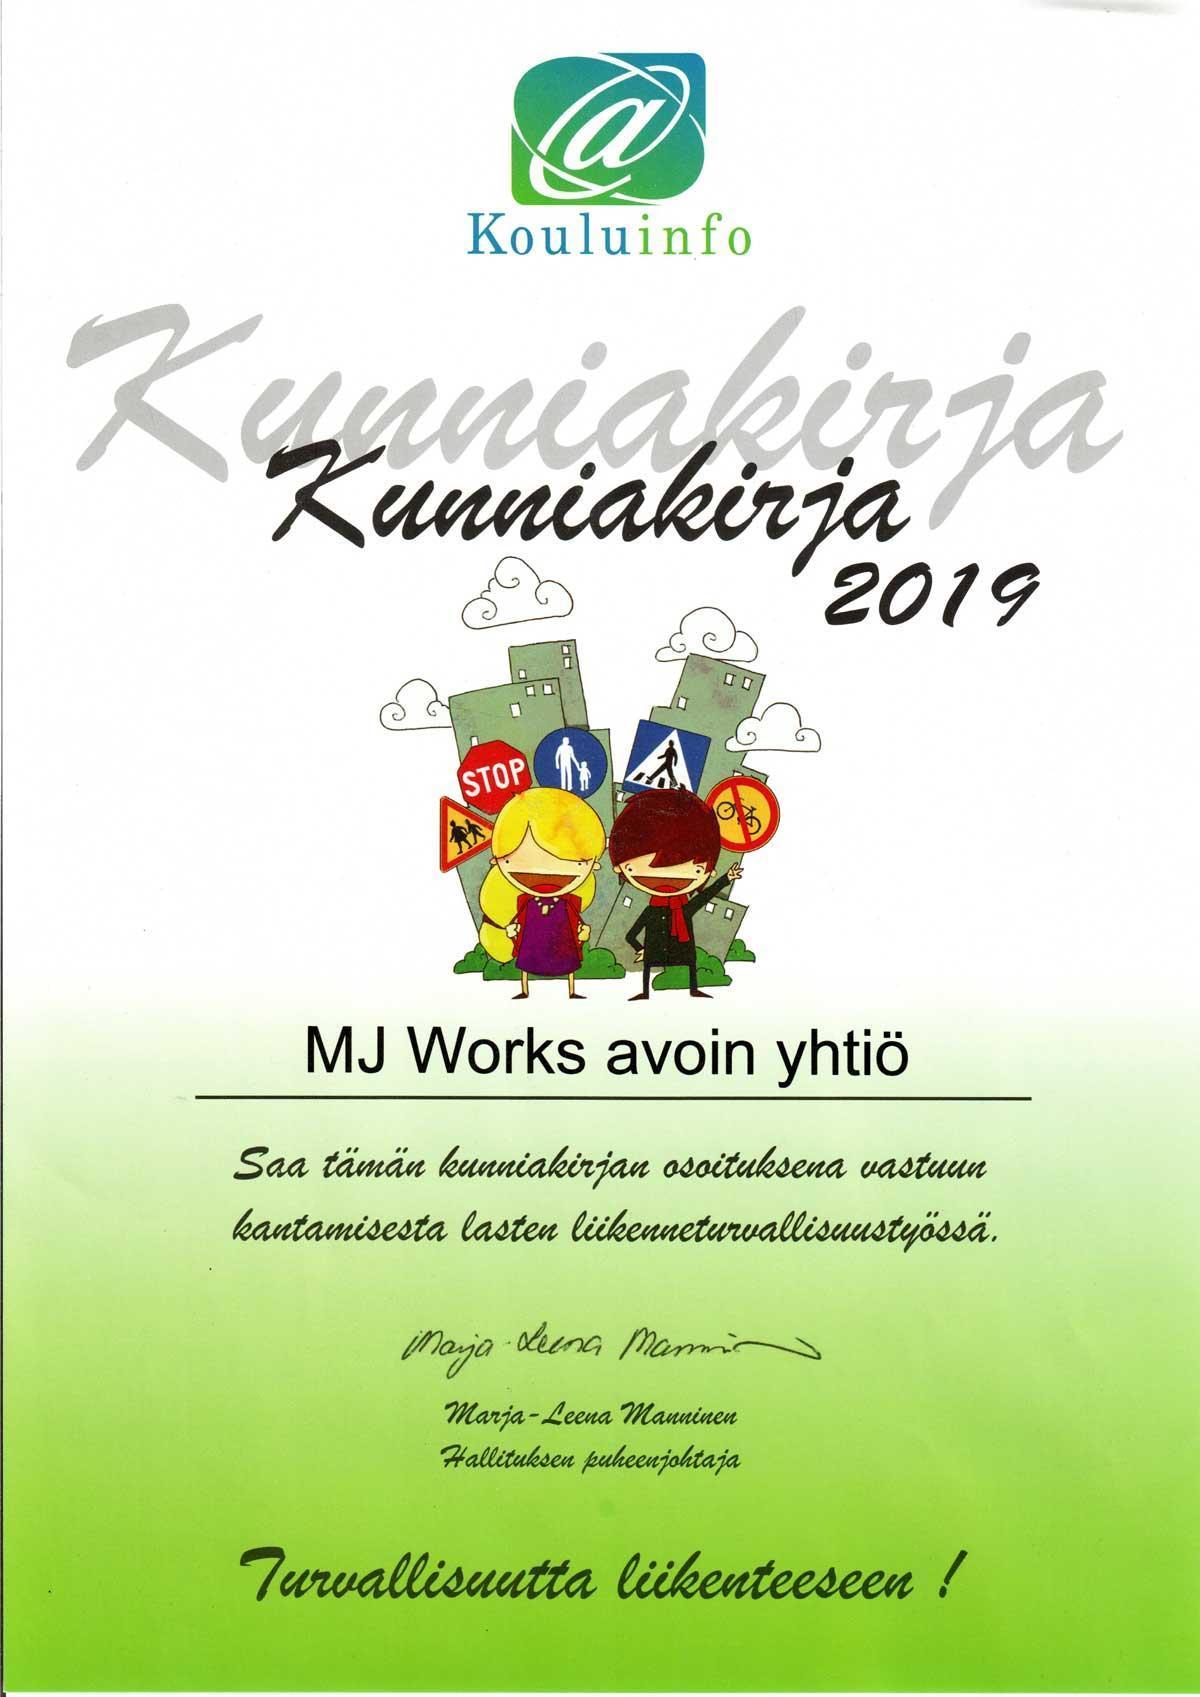 Kouluinfon kunniakirja 2019: MJ Works saa tämän kunniakirjan osoituksena vastuun kantamisesta lasten liikenneturvallisuustyössä.